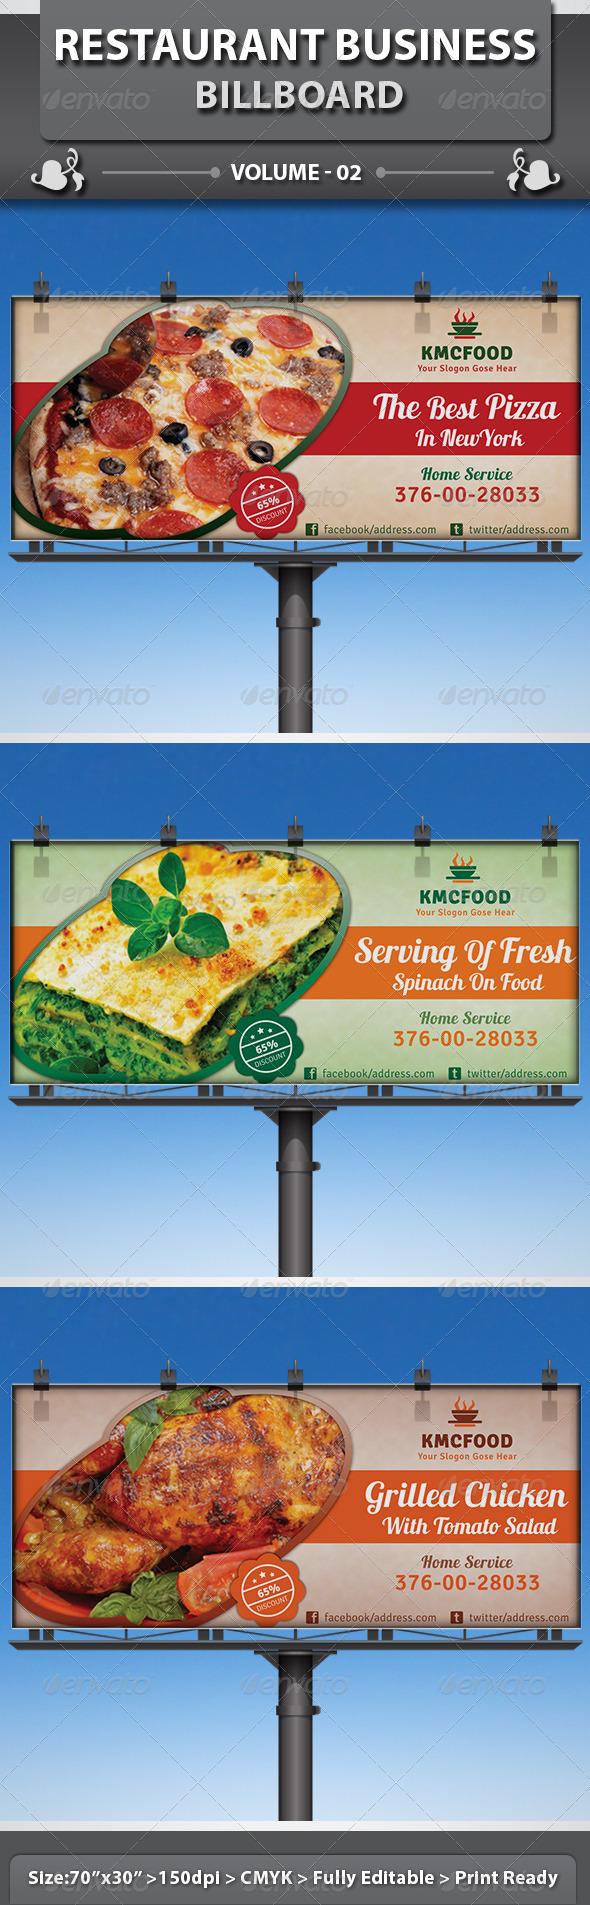 GraphicRiver Restaurant Business Billboard v2 5092190